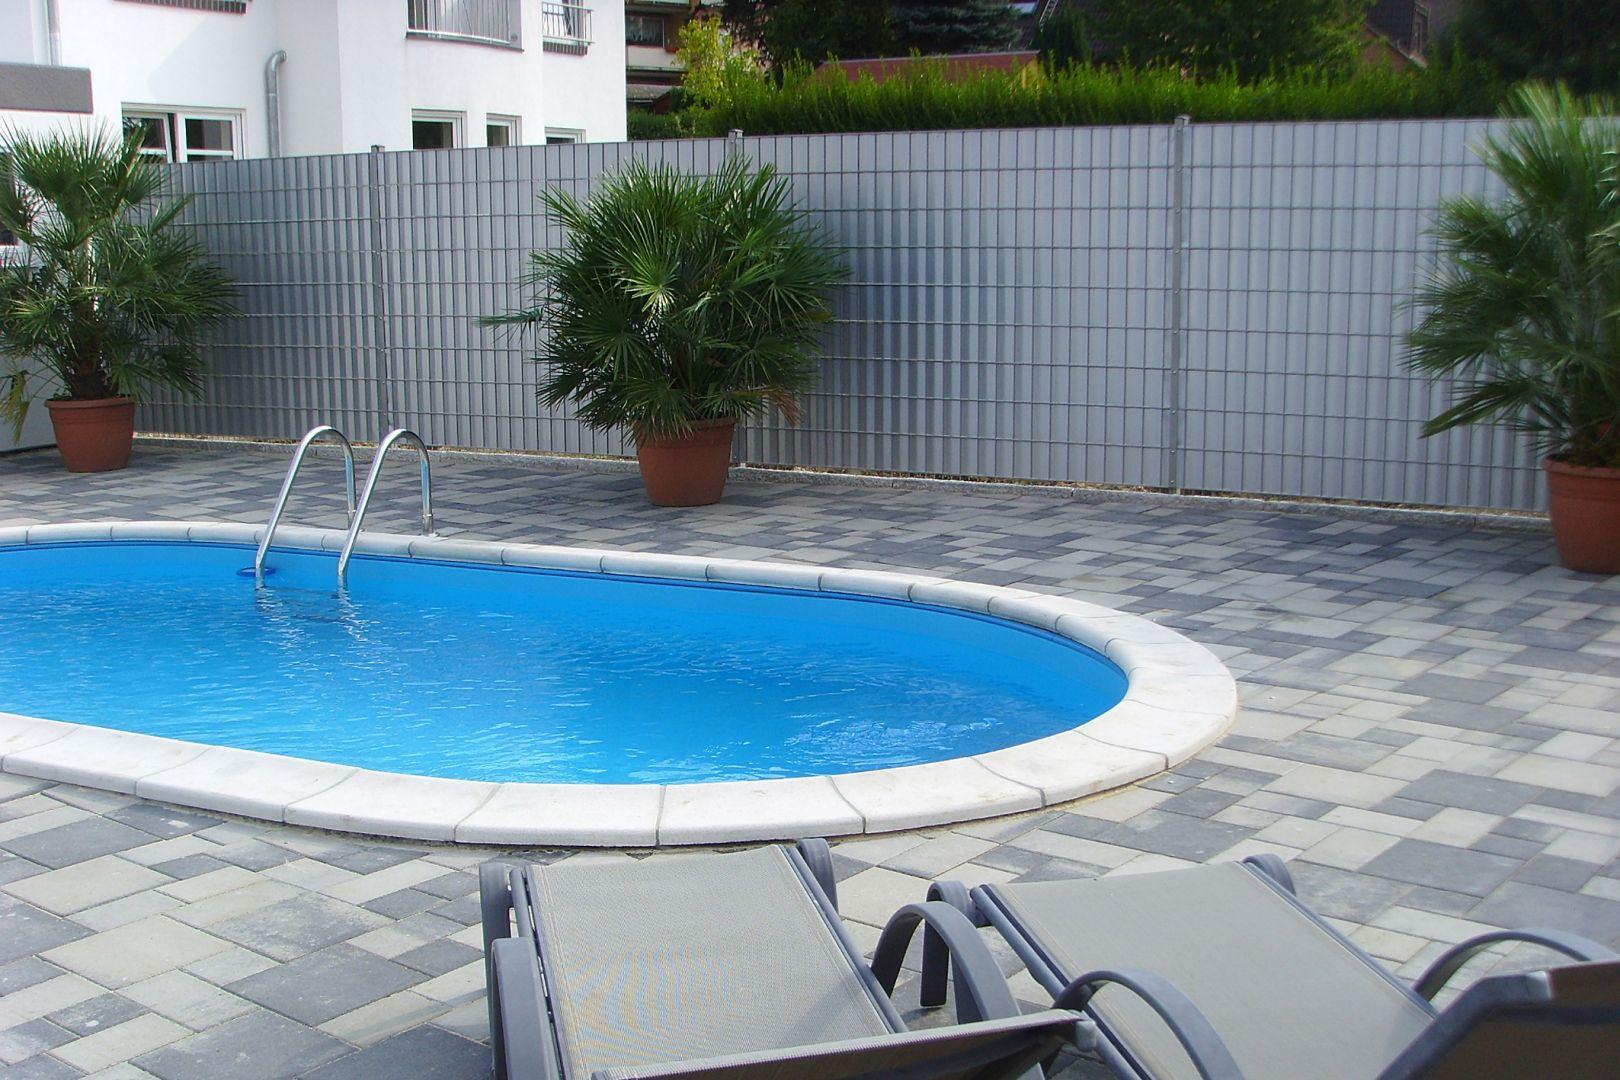 JPG; Sichtschutz_pool.